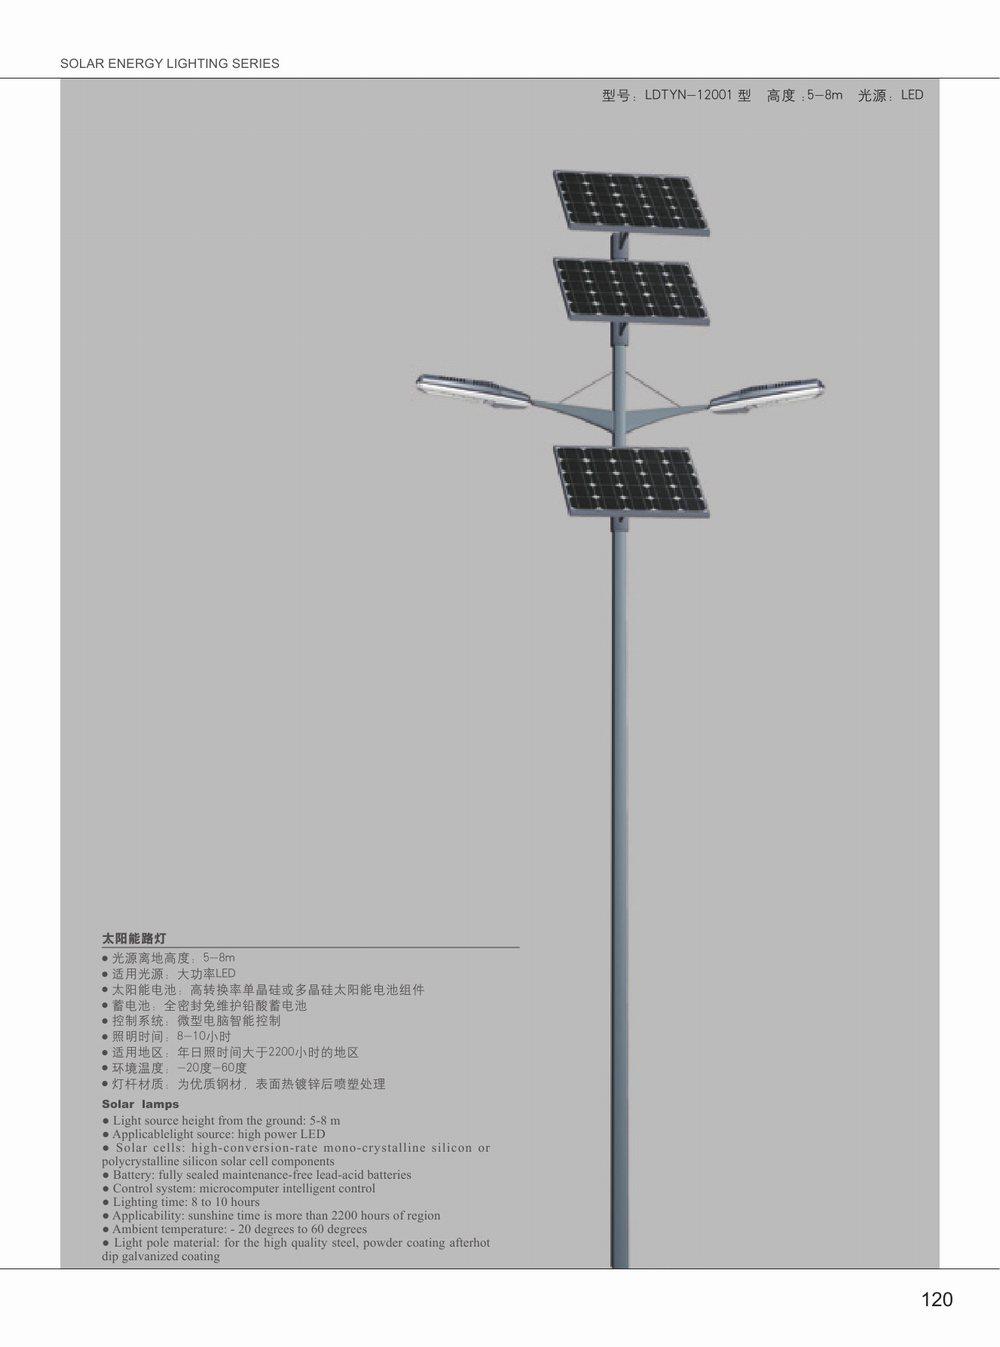 太阳能照明系列-025